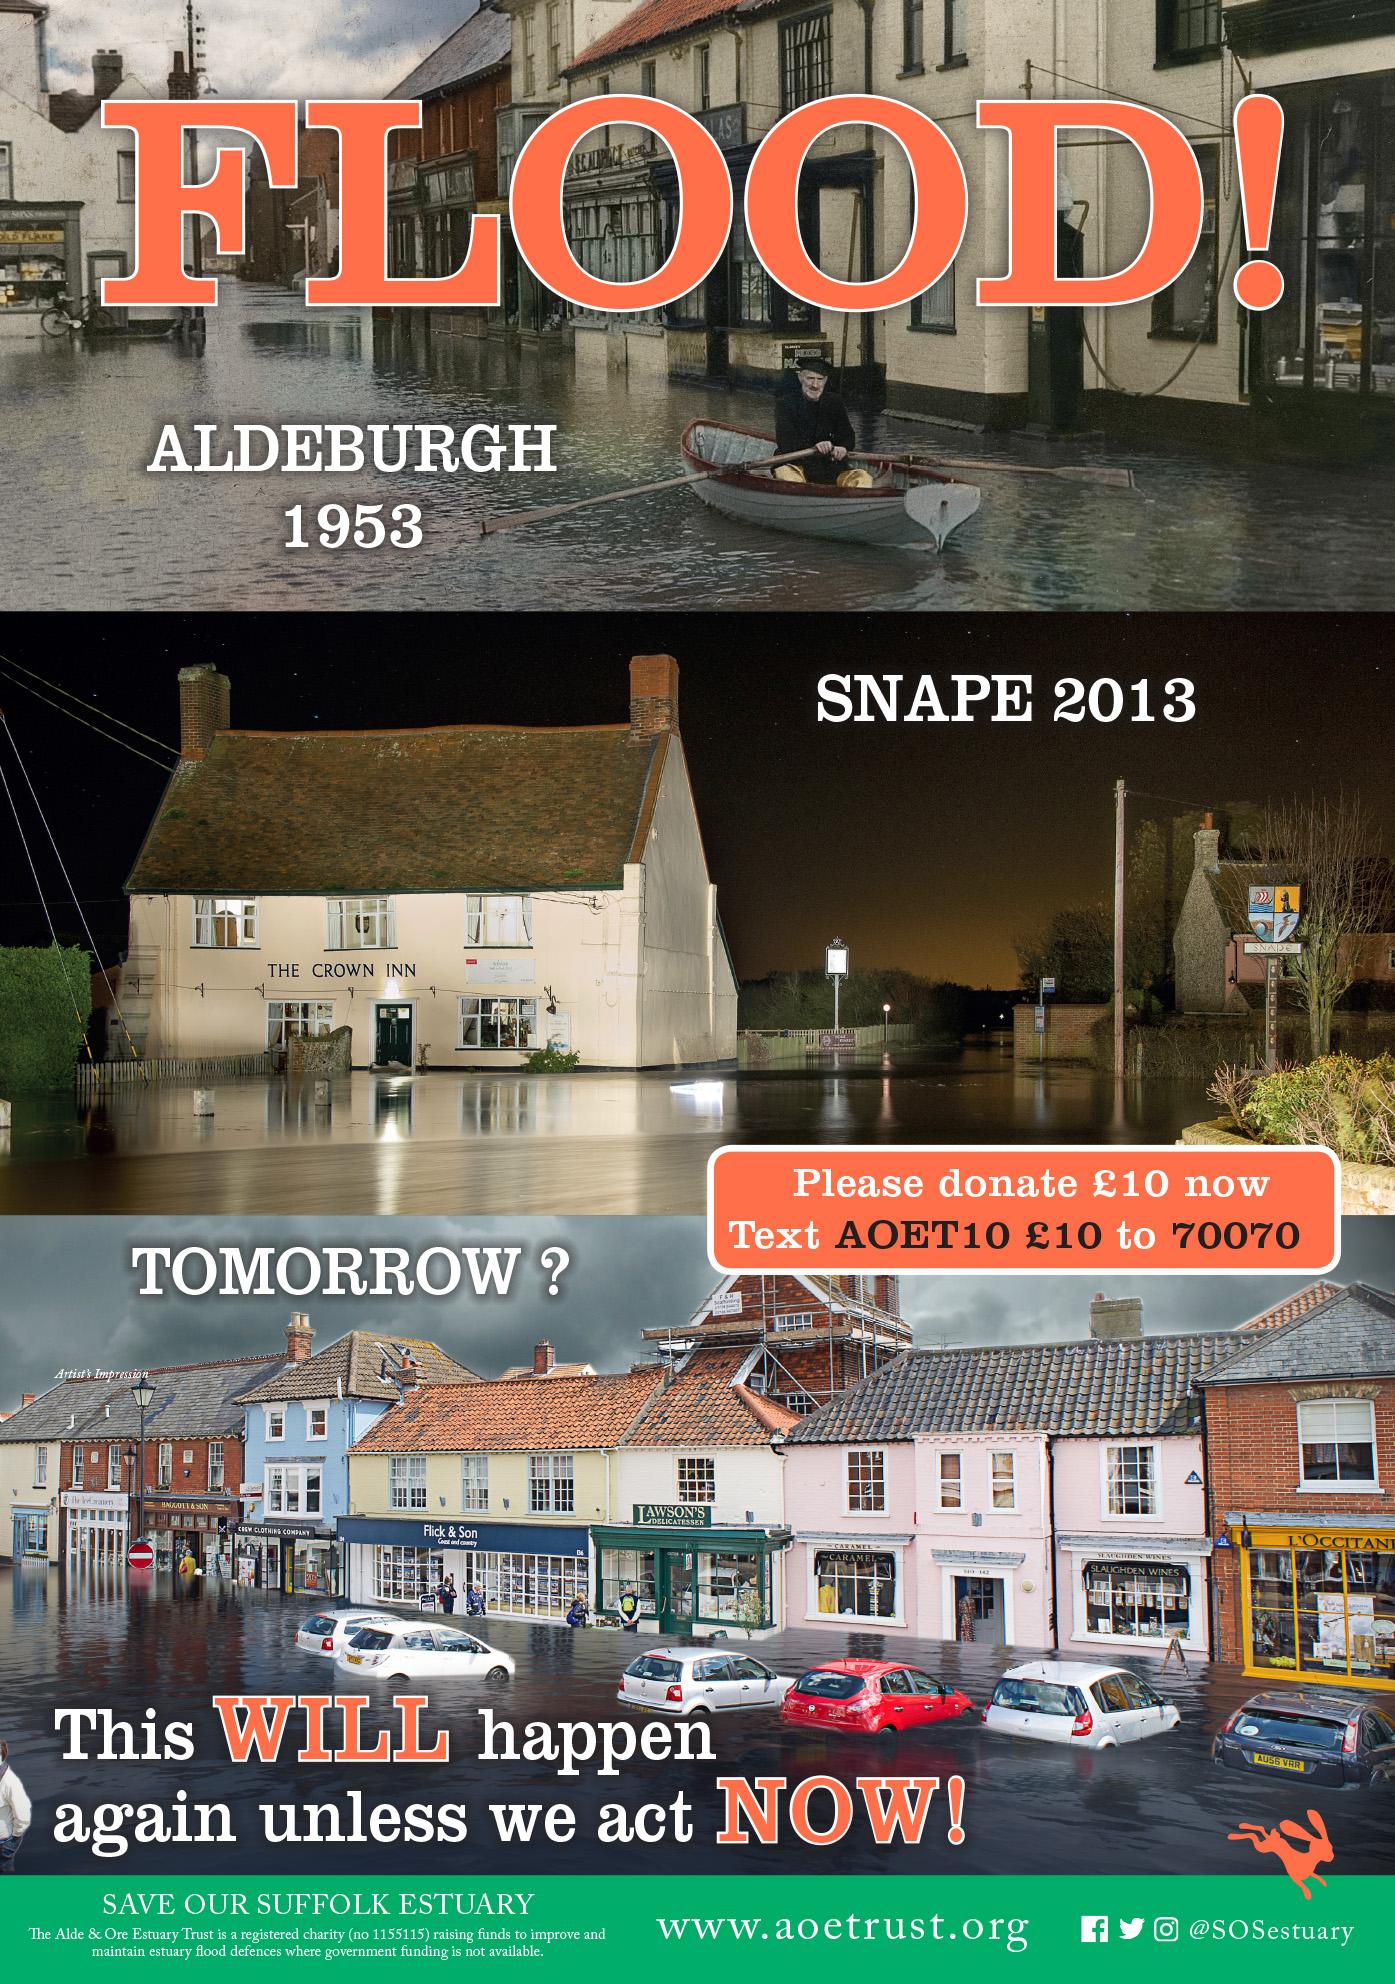 Flood! Poster 3 images.JPG